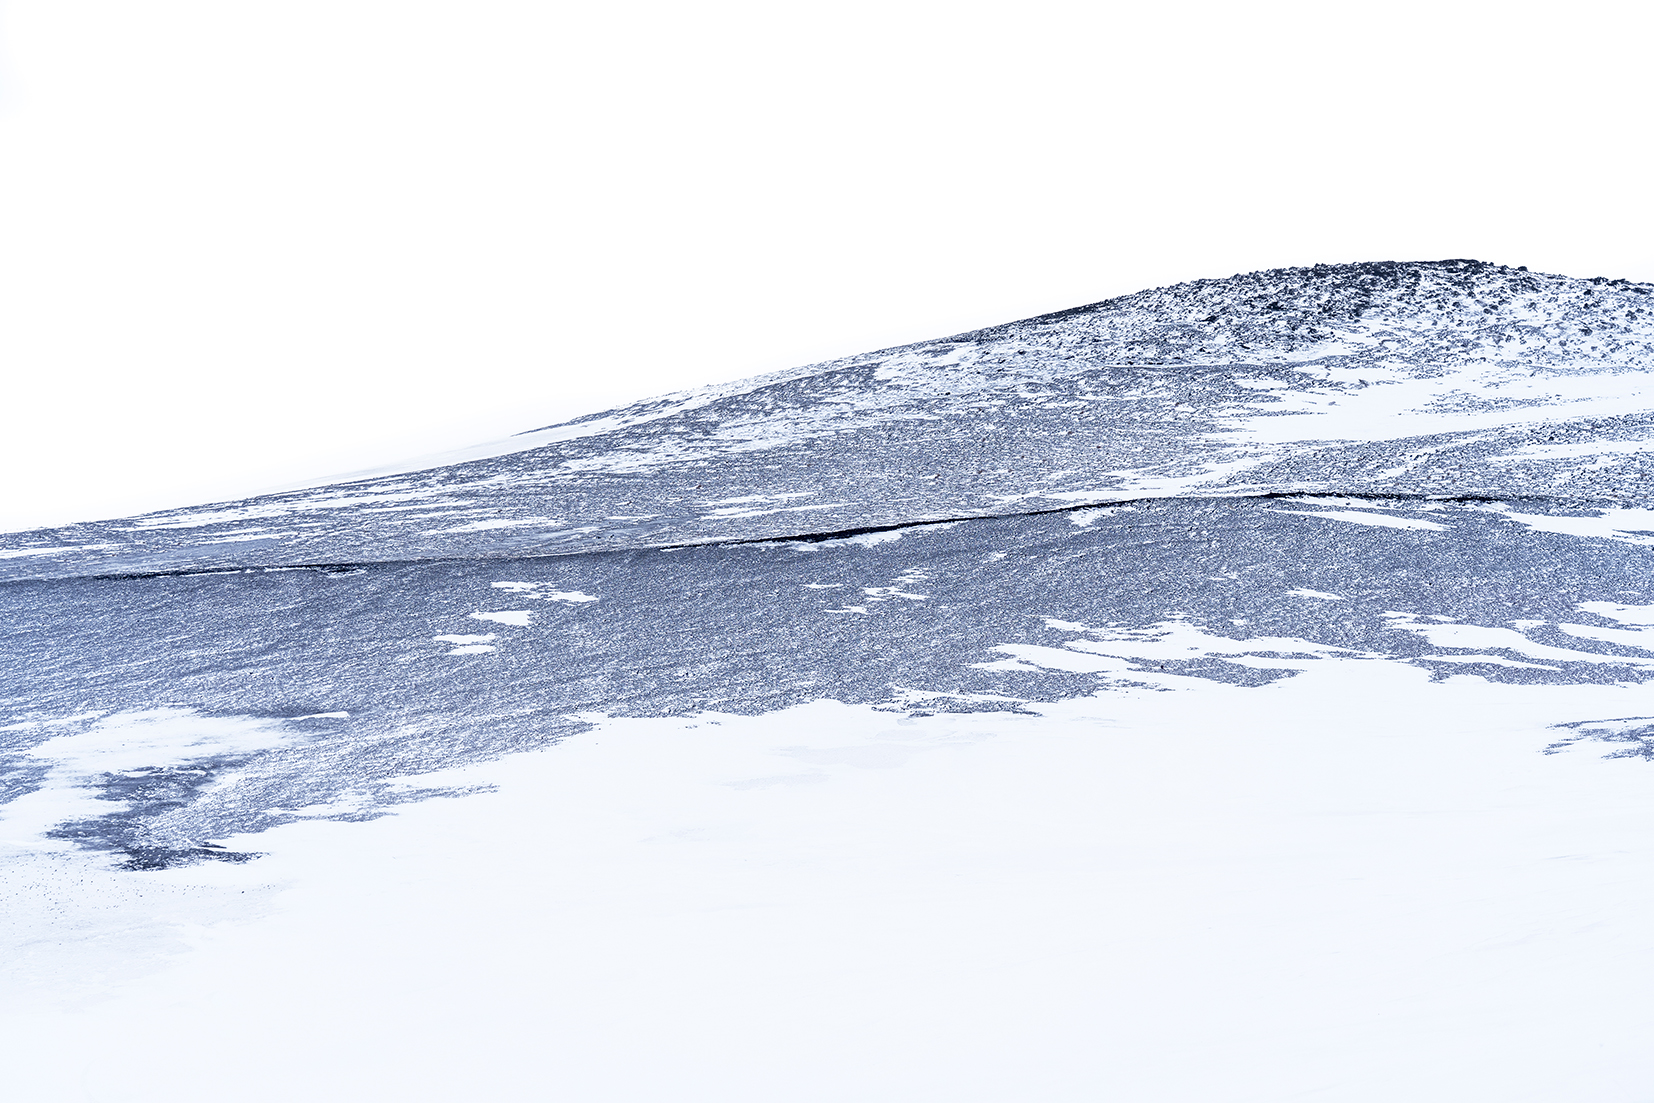 Islande du Nord Mývatn montagne détail noir et blanc